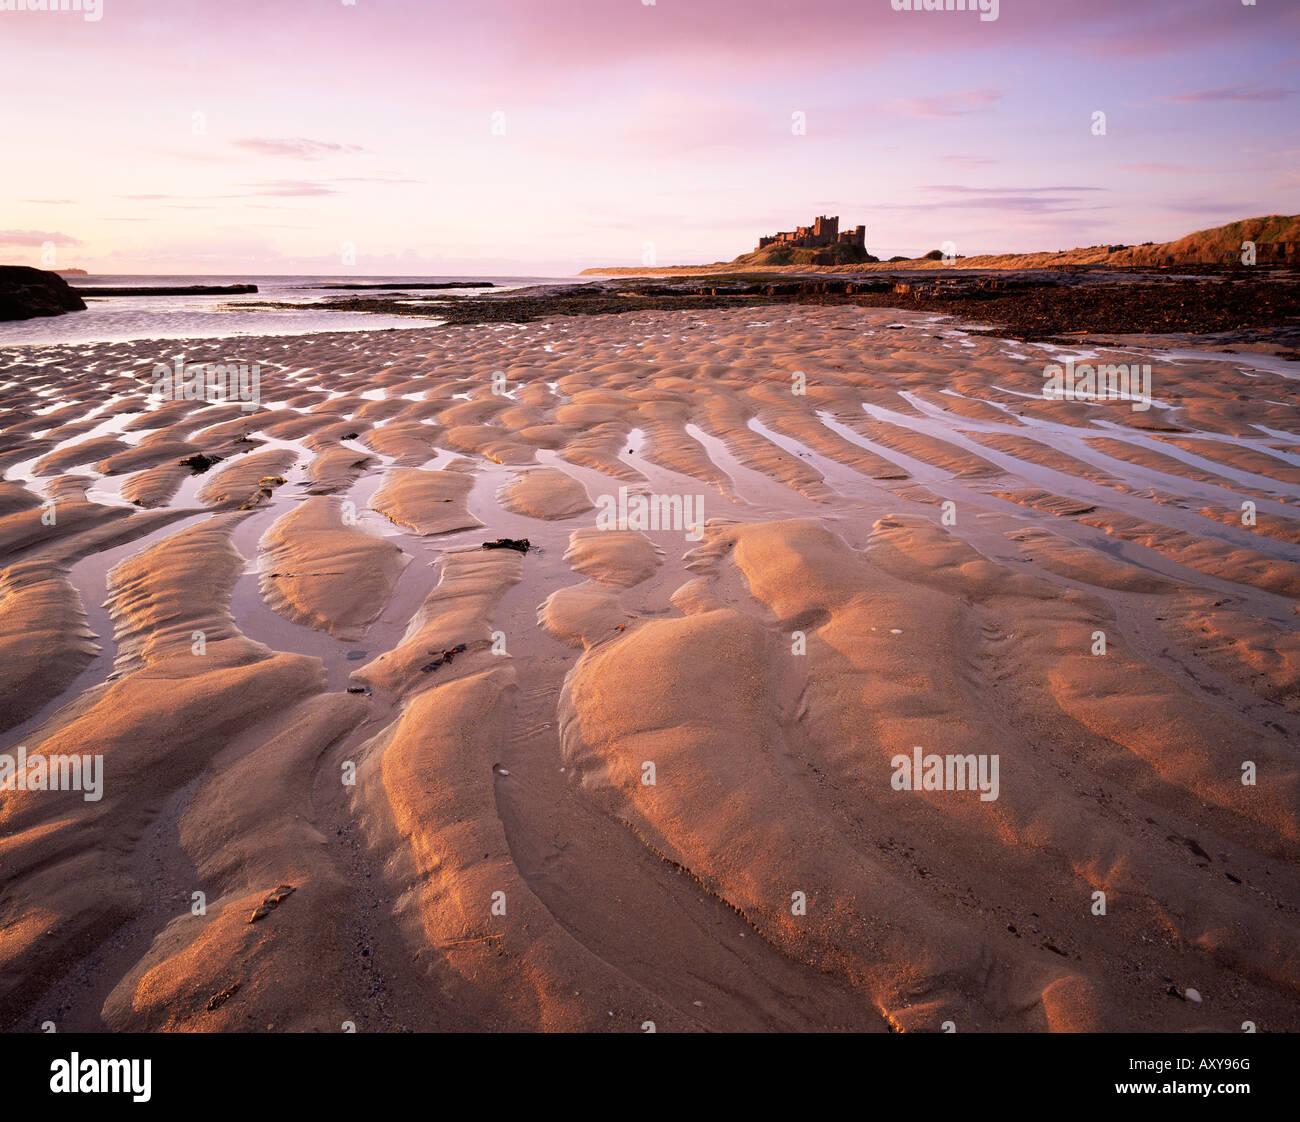 Bamburgh castle and Bamburgh beach at sunrise, Bamburgh, Northumberland, England, United Kingdom, Europe Stock Photo